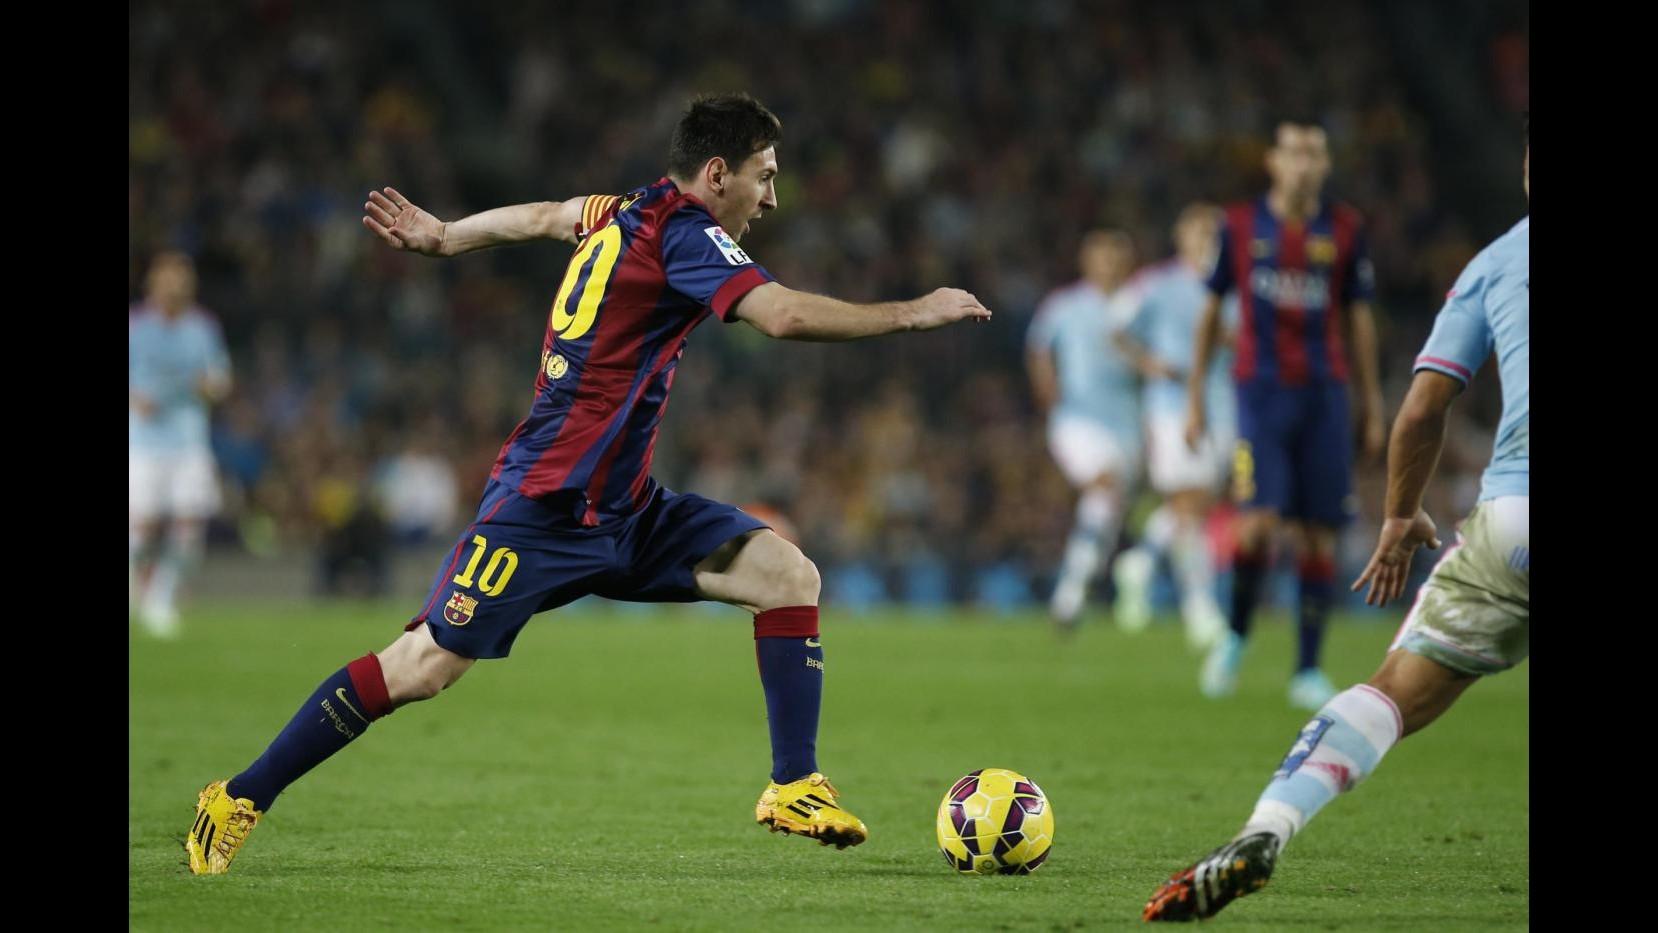 Barcellona, Messi apre a un possibile addio: A volte non tutto va come si vorrebbe